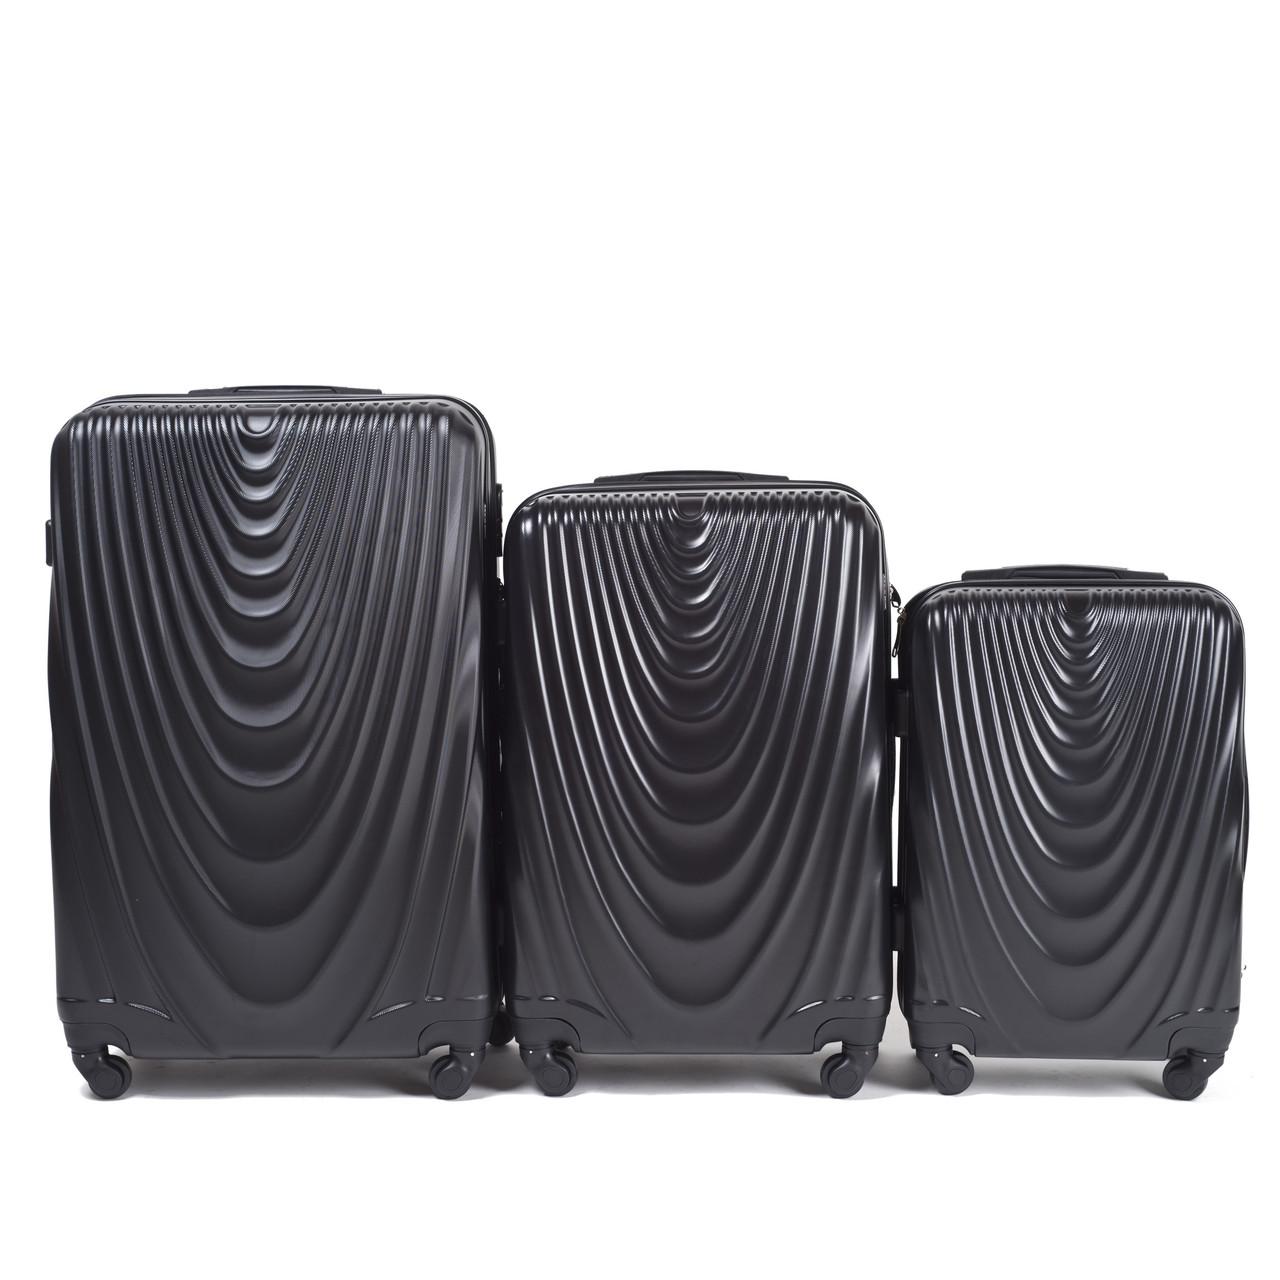 55b6ec474202 Комплект пластиковых чемоданов Wings 304-3 на 4 колесах: продажа ...